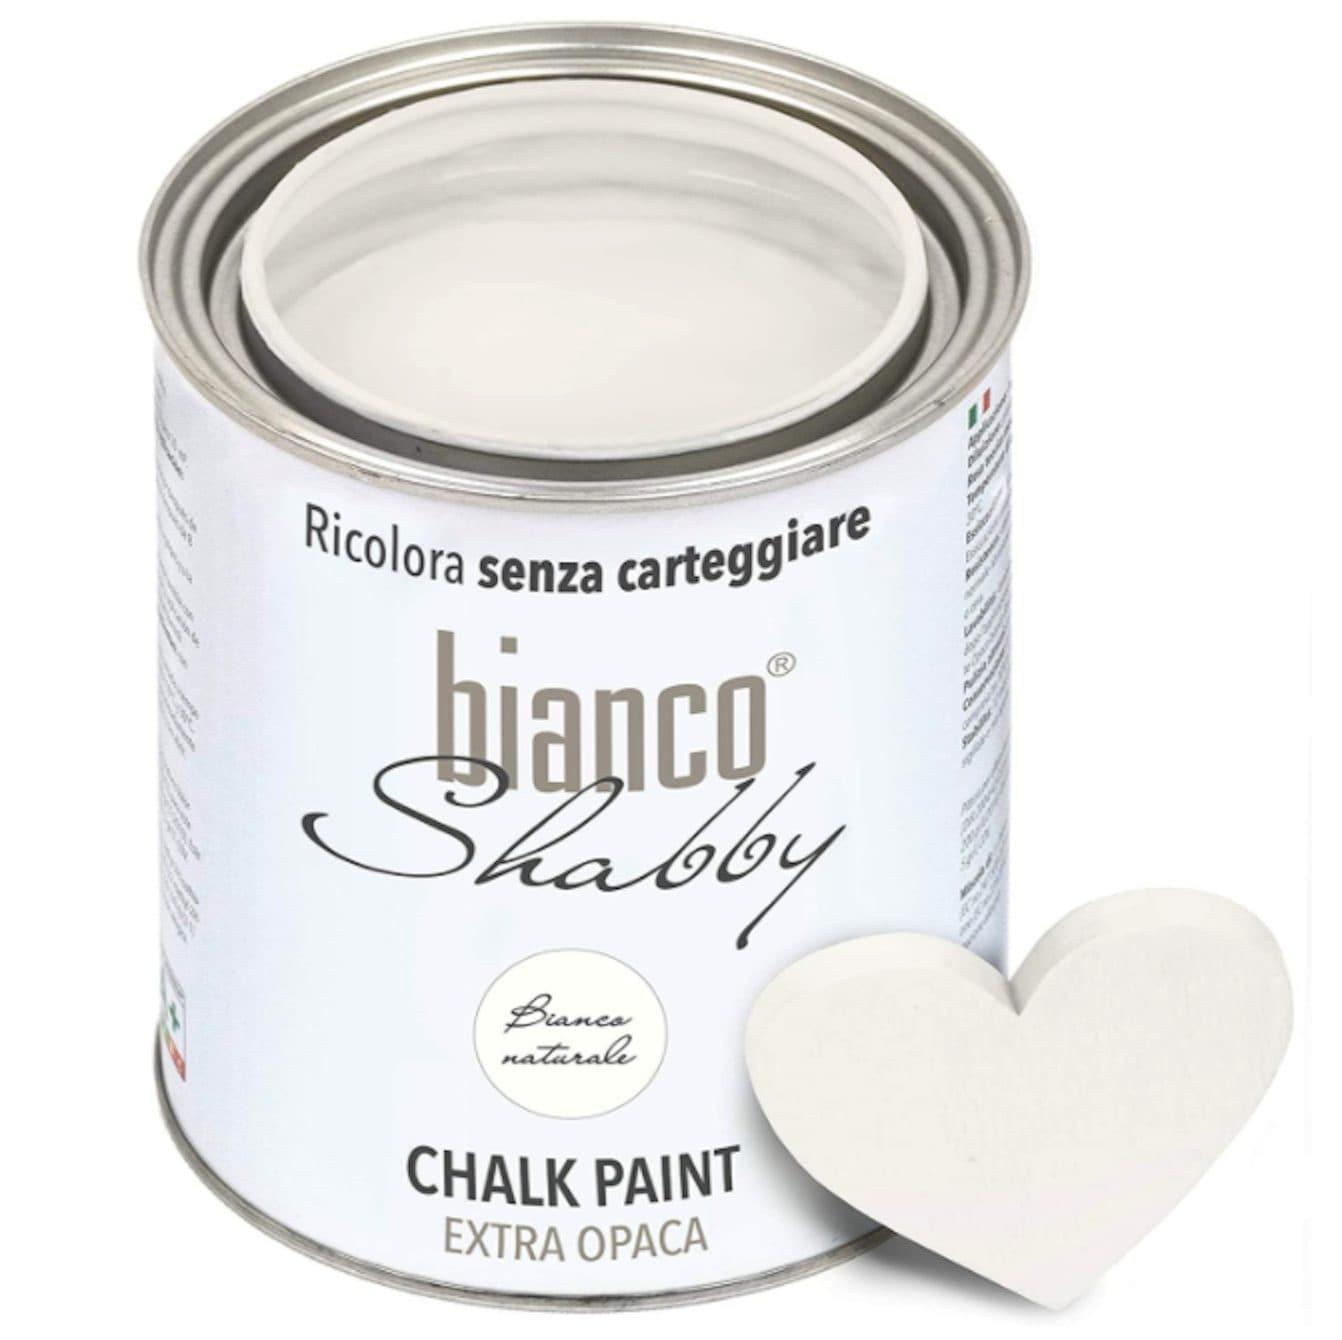 Migliore Marca Pittura Per Esterni le migliori pitture per pareti: quali marche scegliere